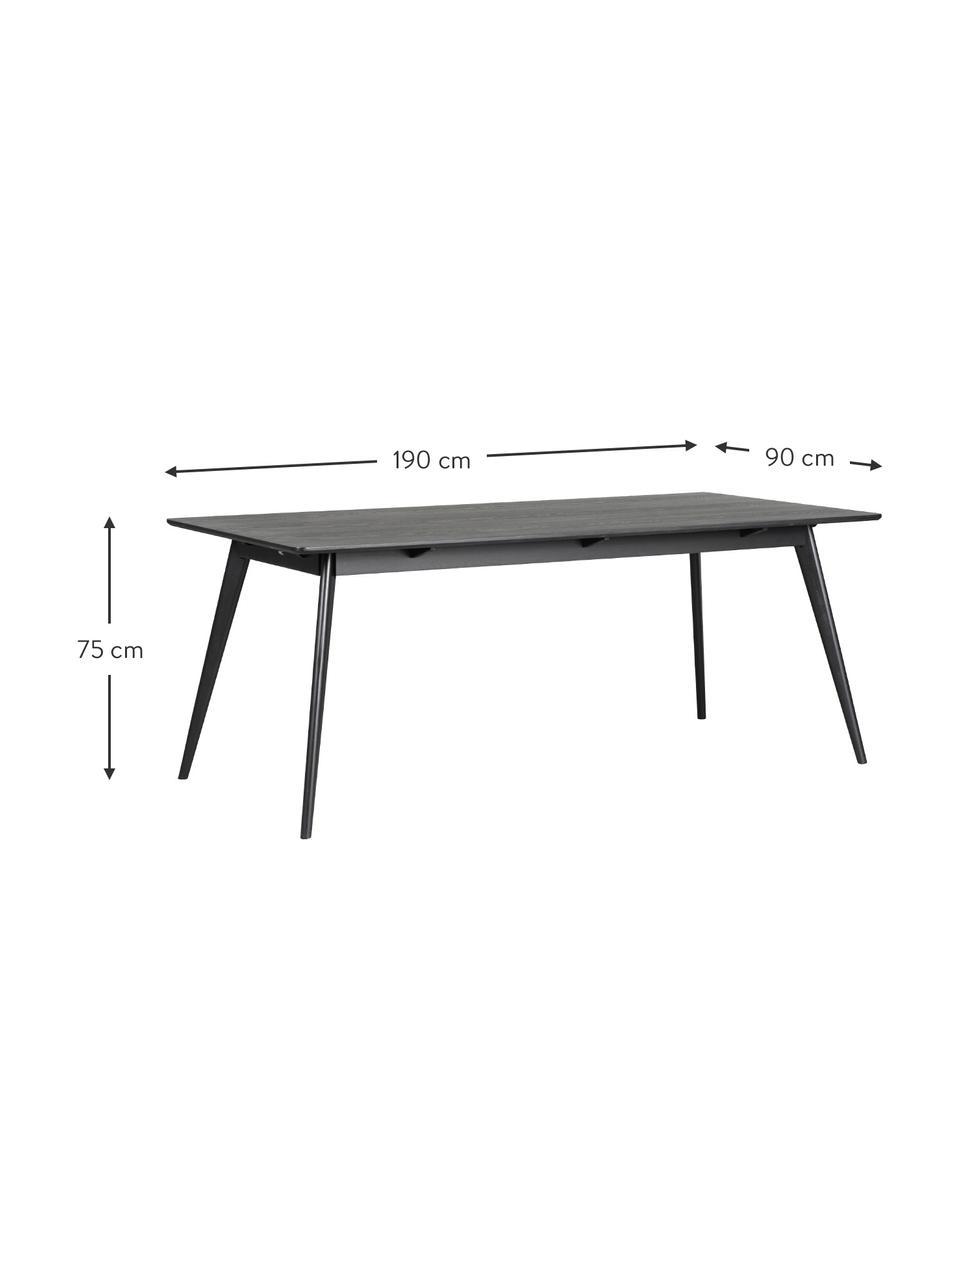 Esstisch Yumi, 190 x 90 cm, Tischplatte: Mitteldichte Holzfaserpla, Beine: Gummibaumholz, massiv, ge, Schwarz, B 190 x T 90 cm